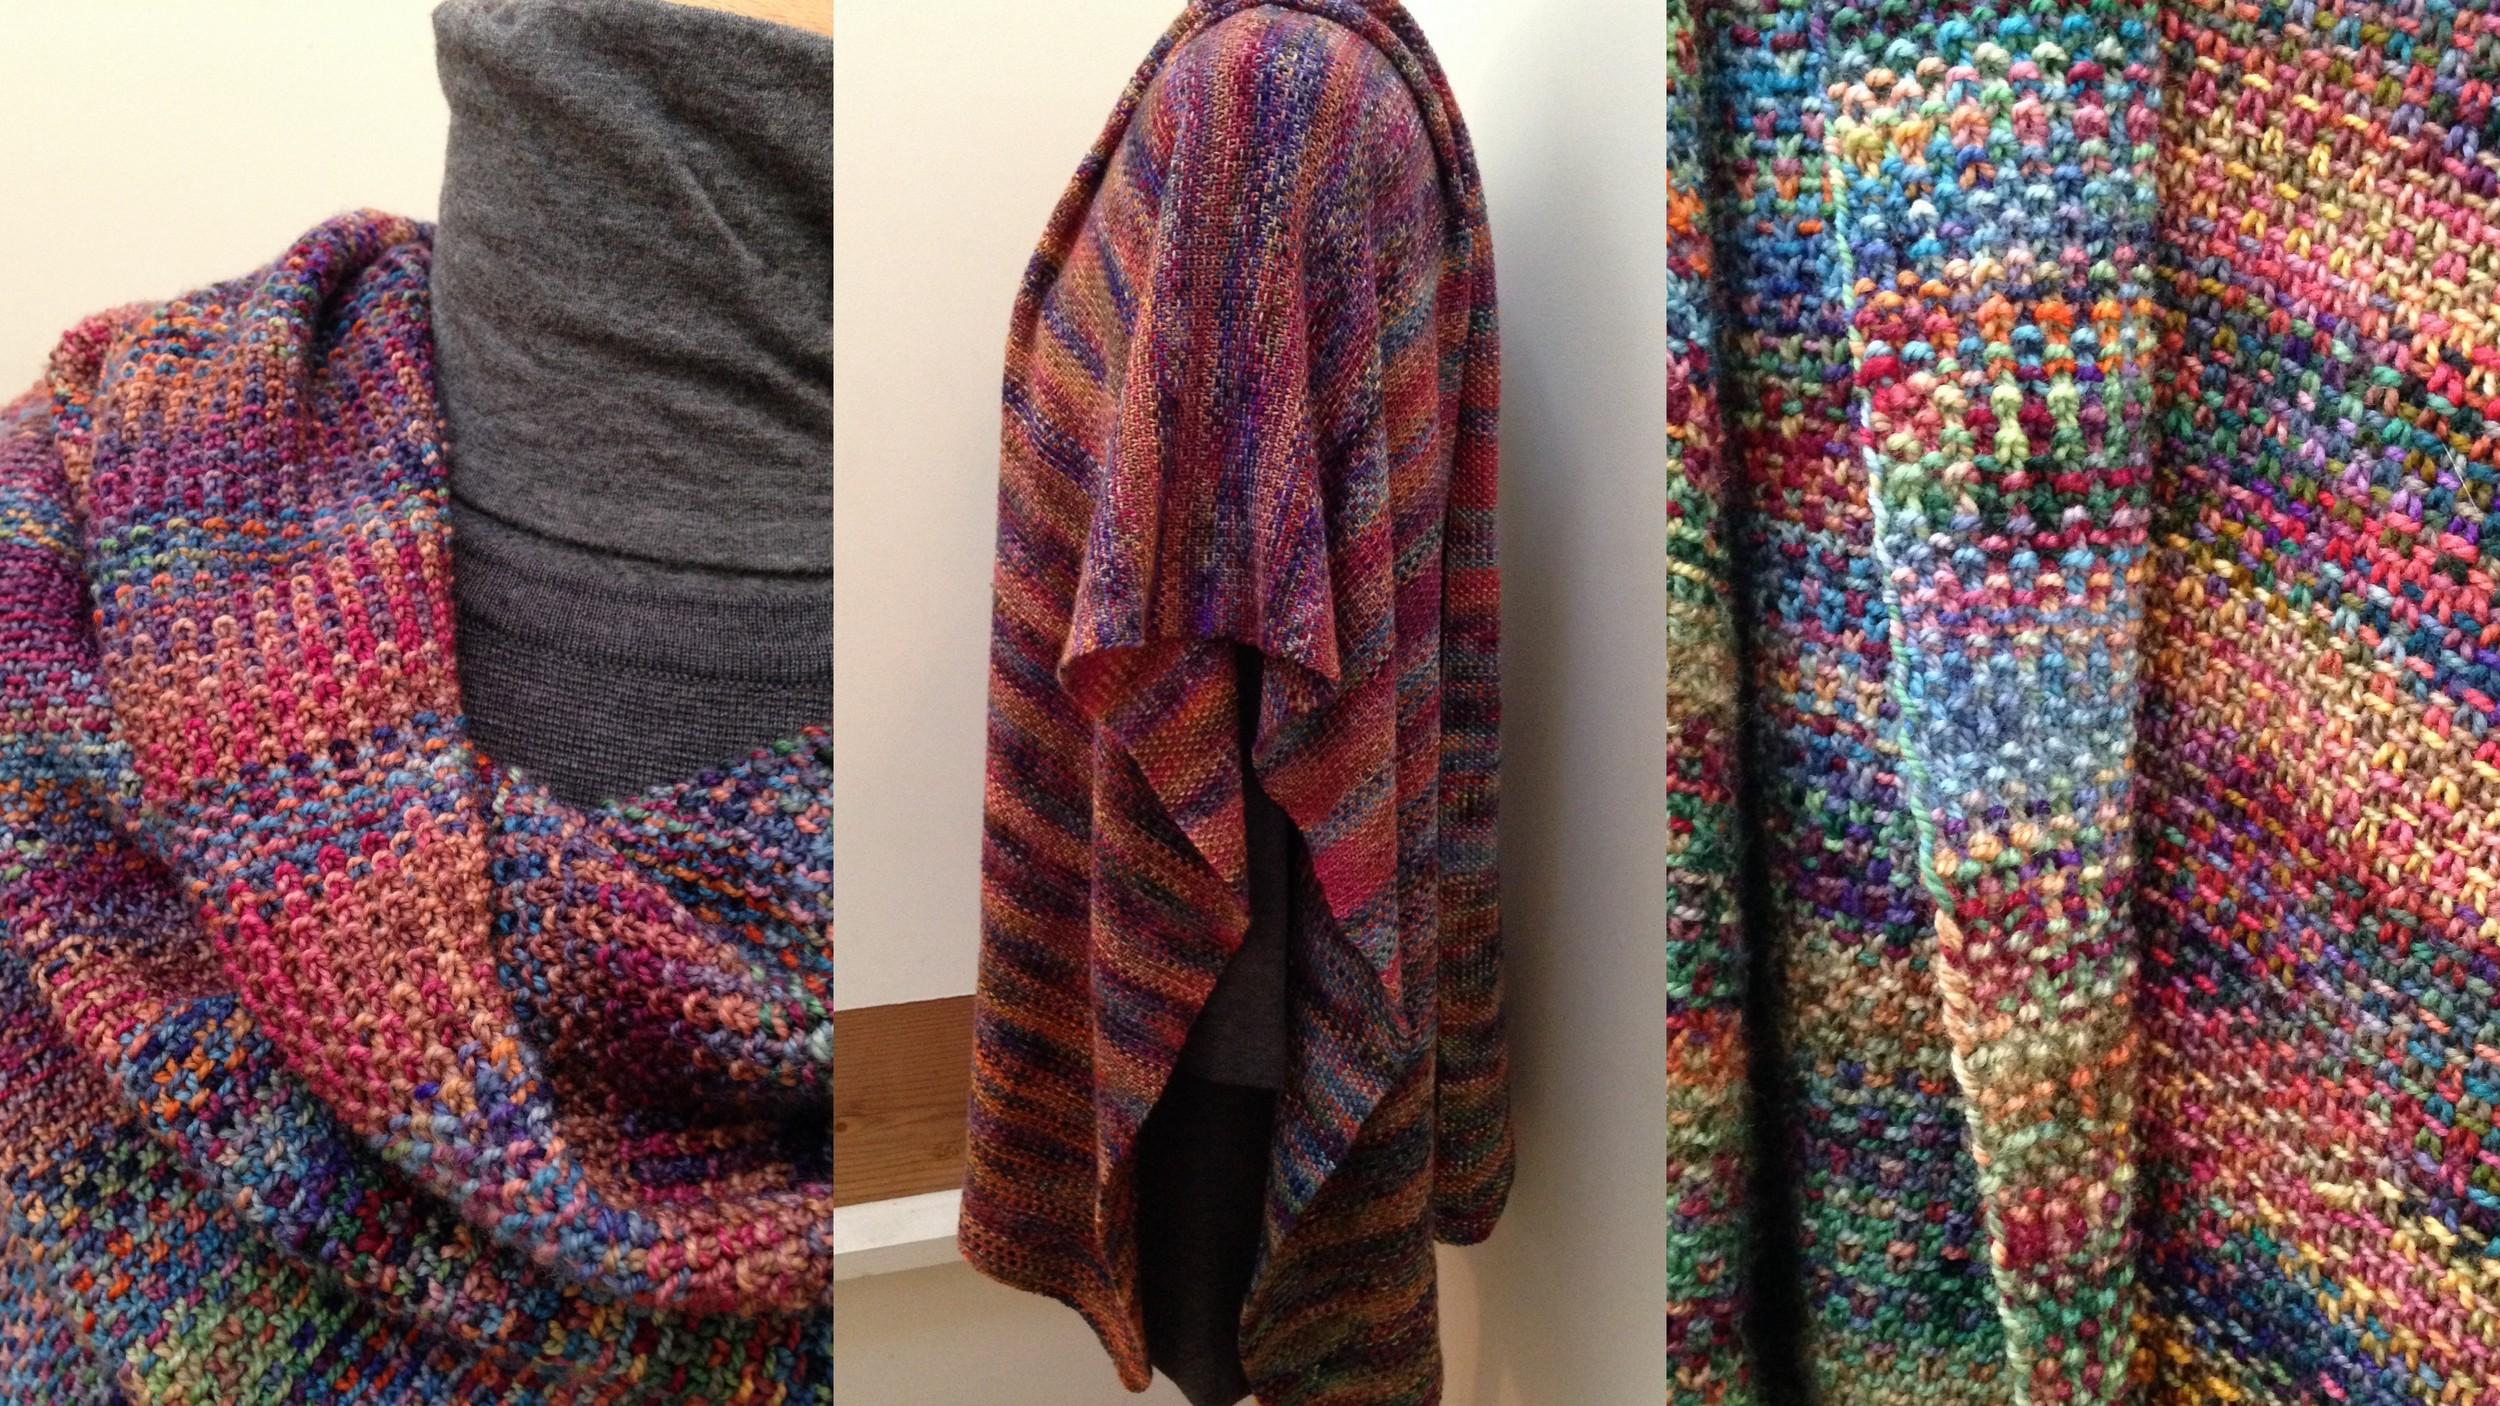 Koigu linen stitch wrap, blogged   here